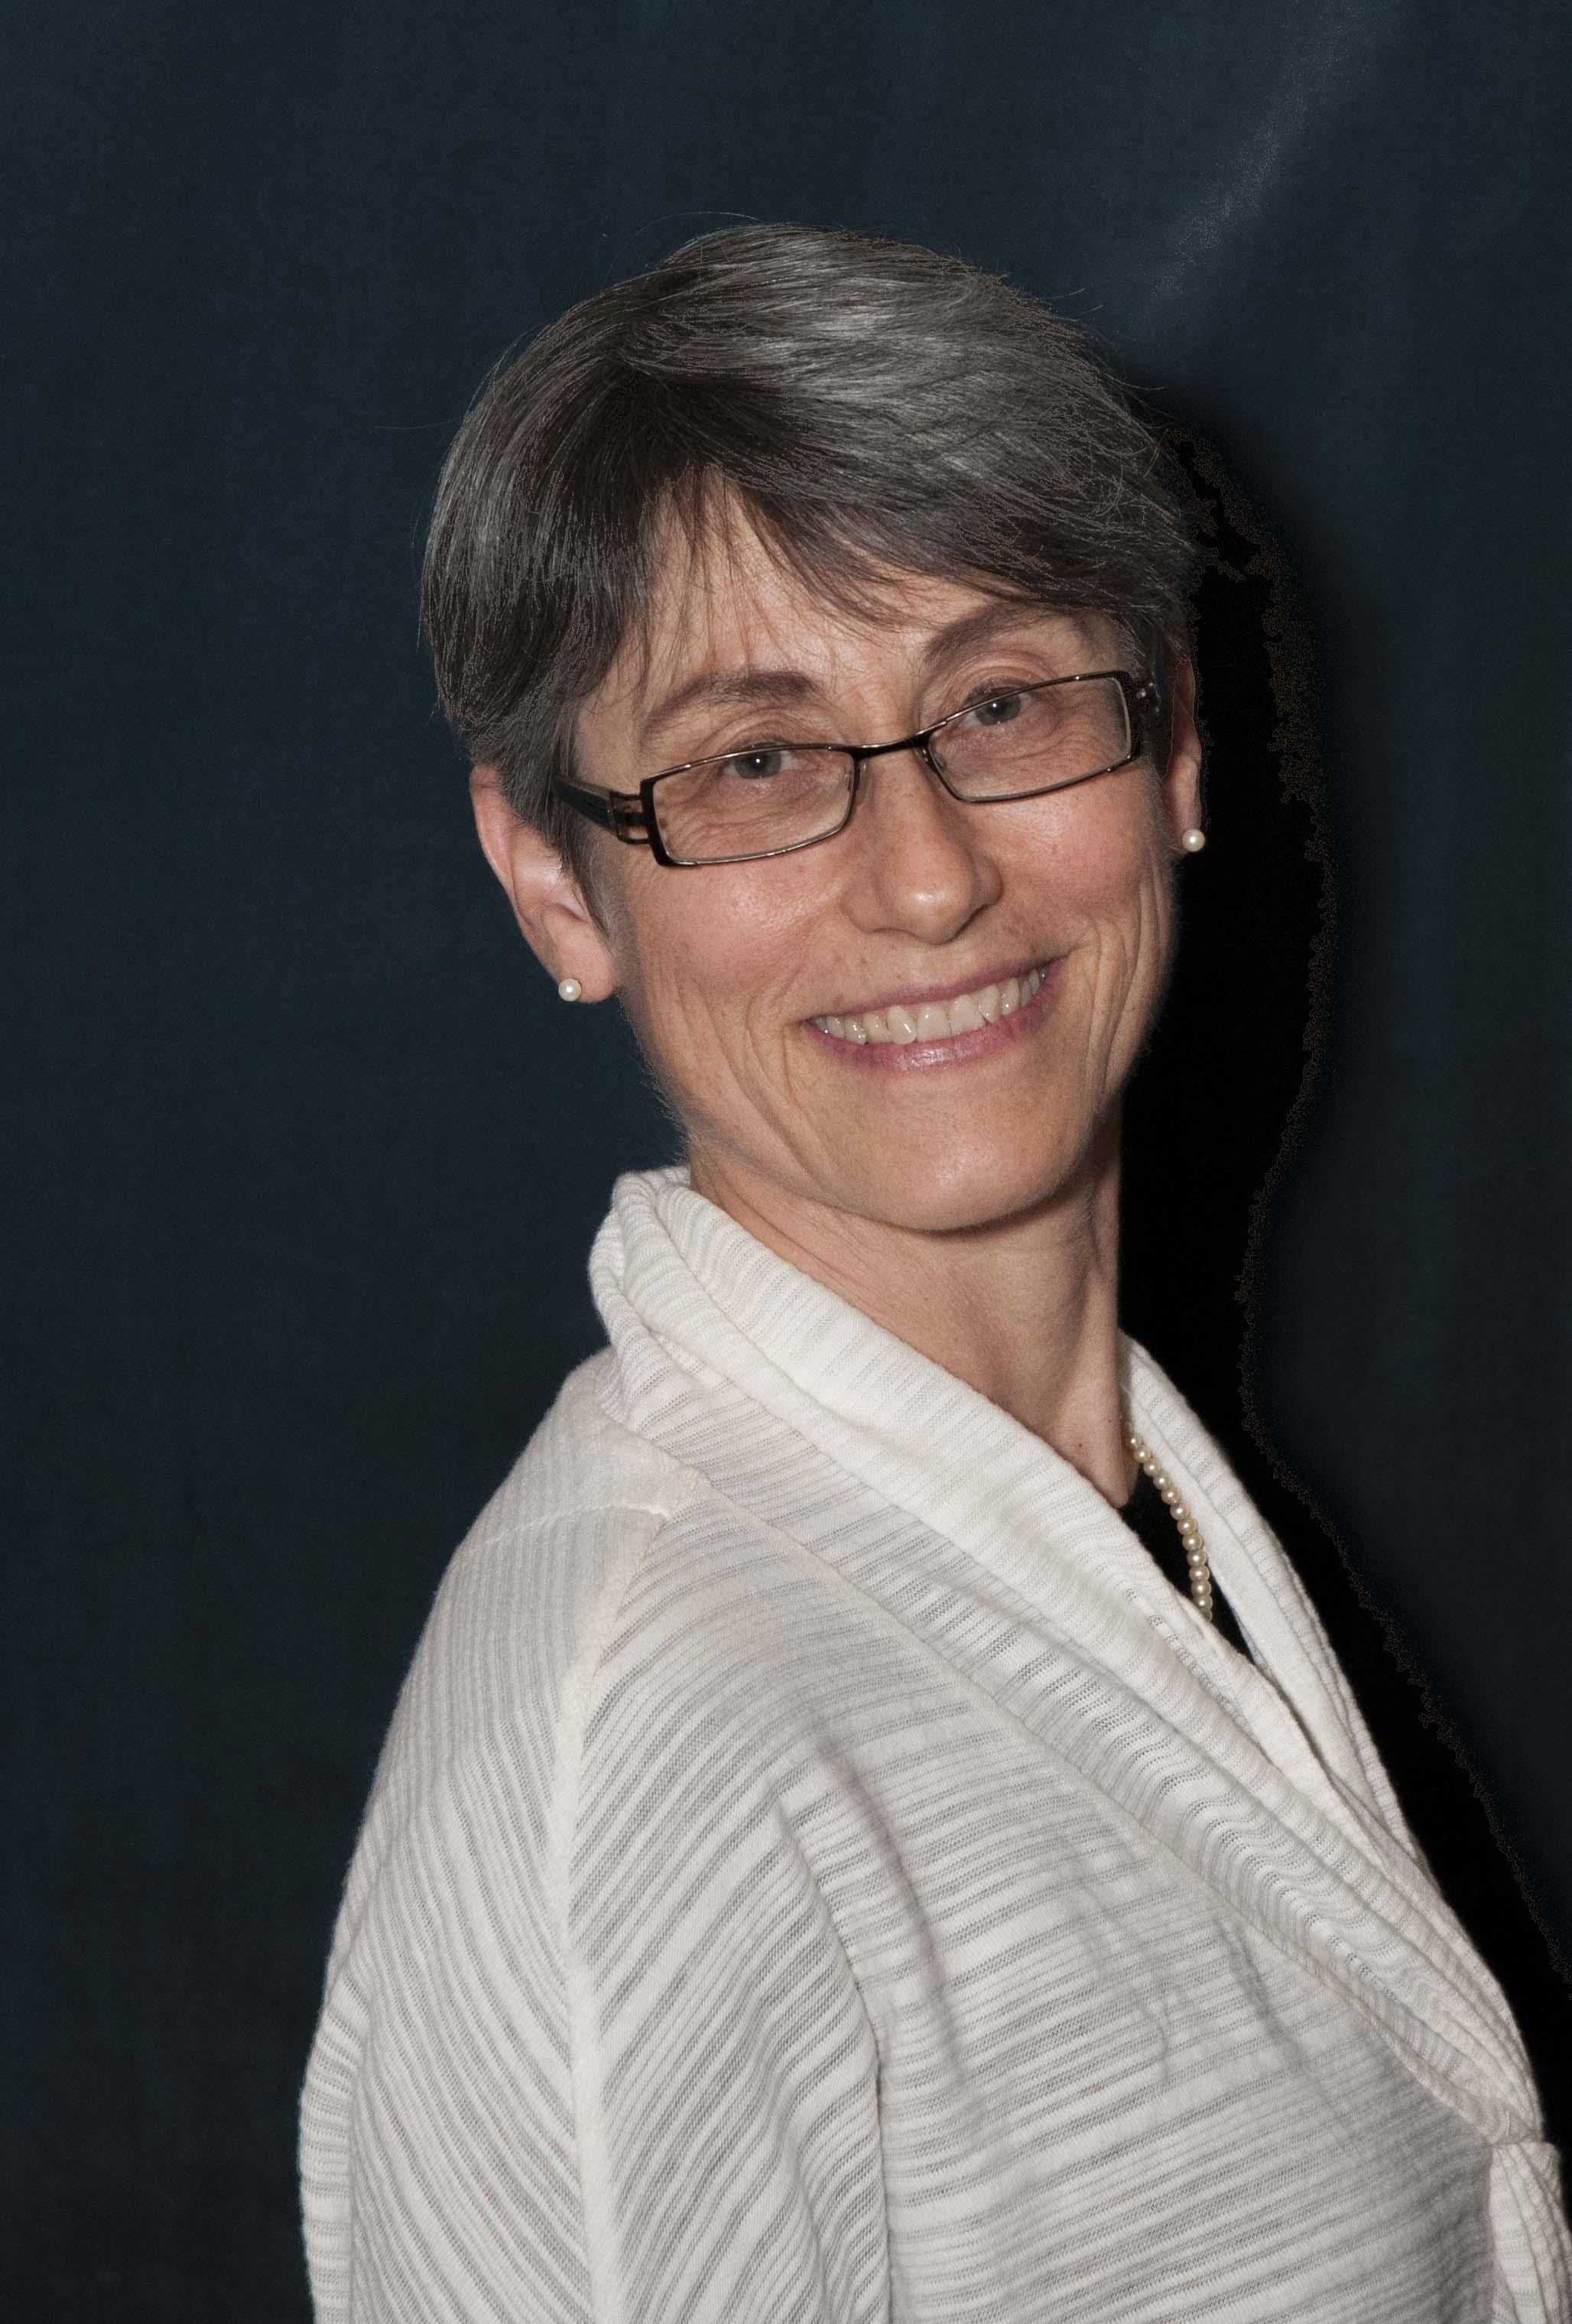 Dr. Miriam Diamond